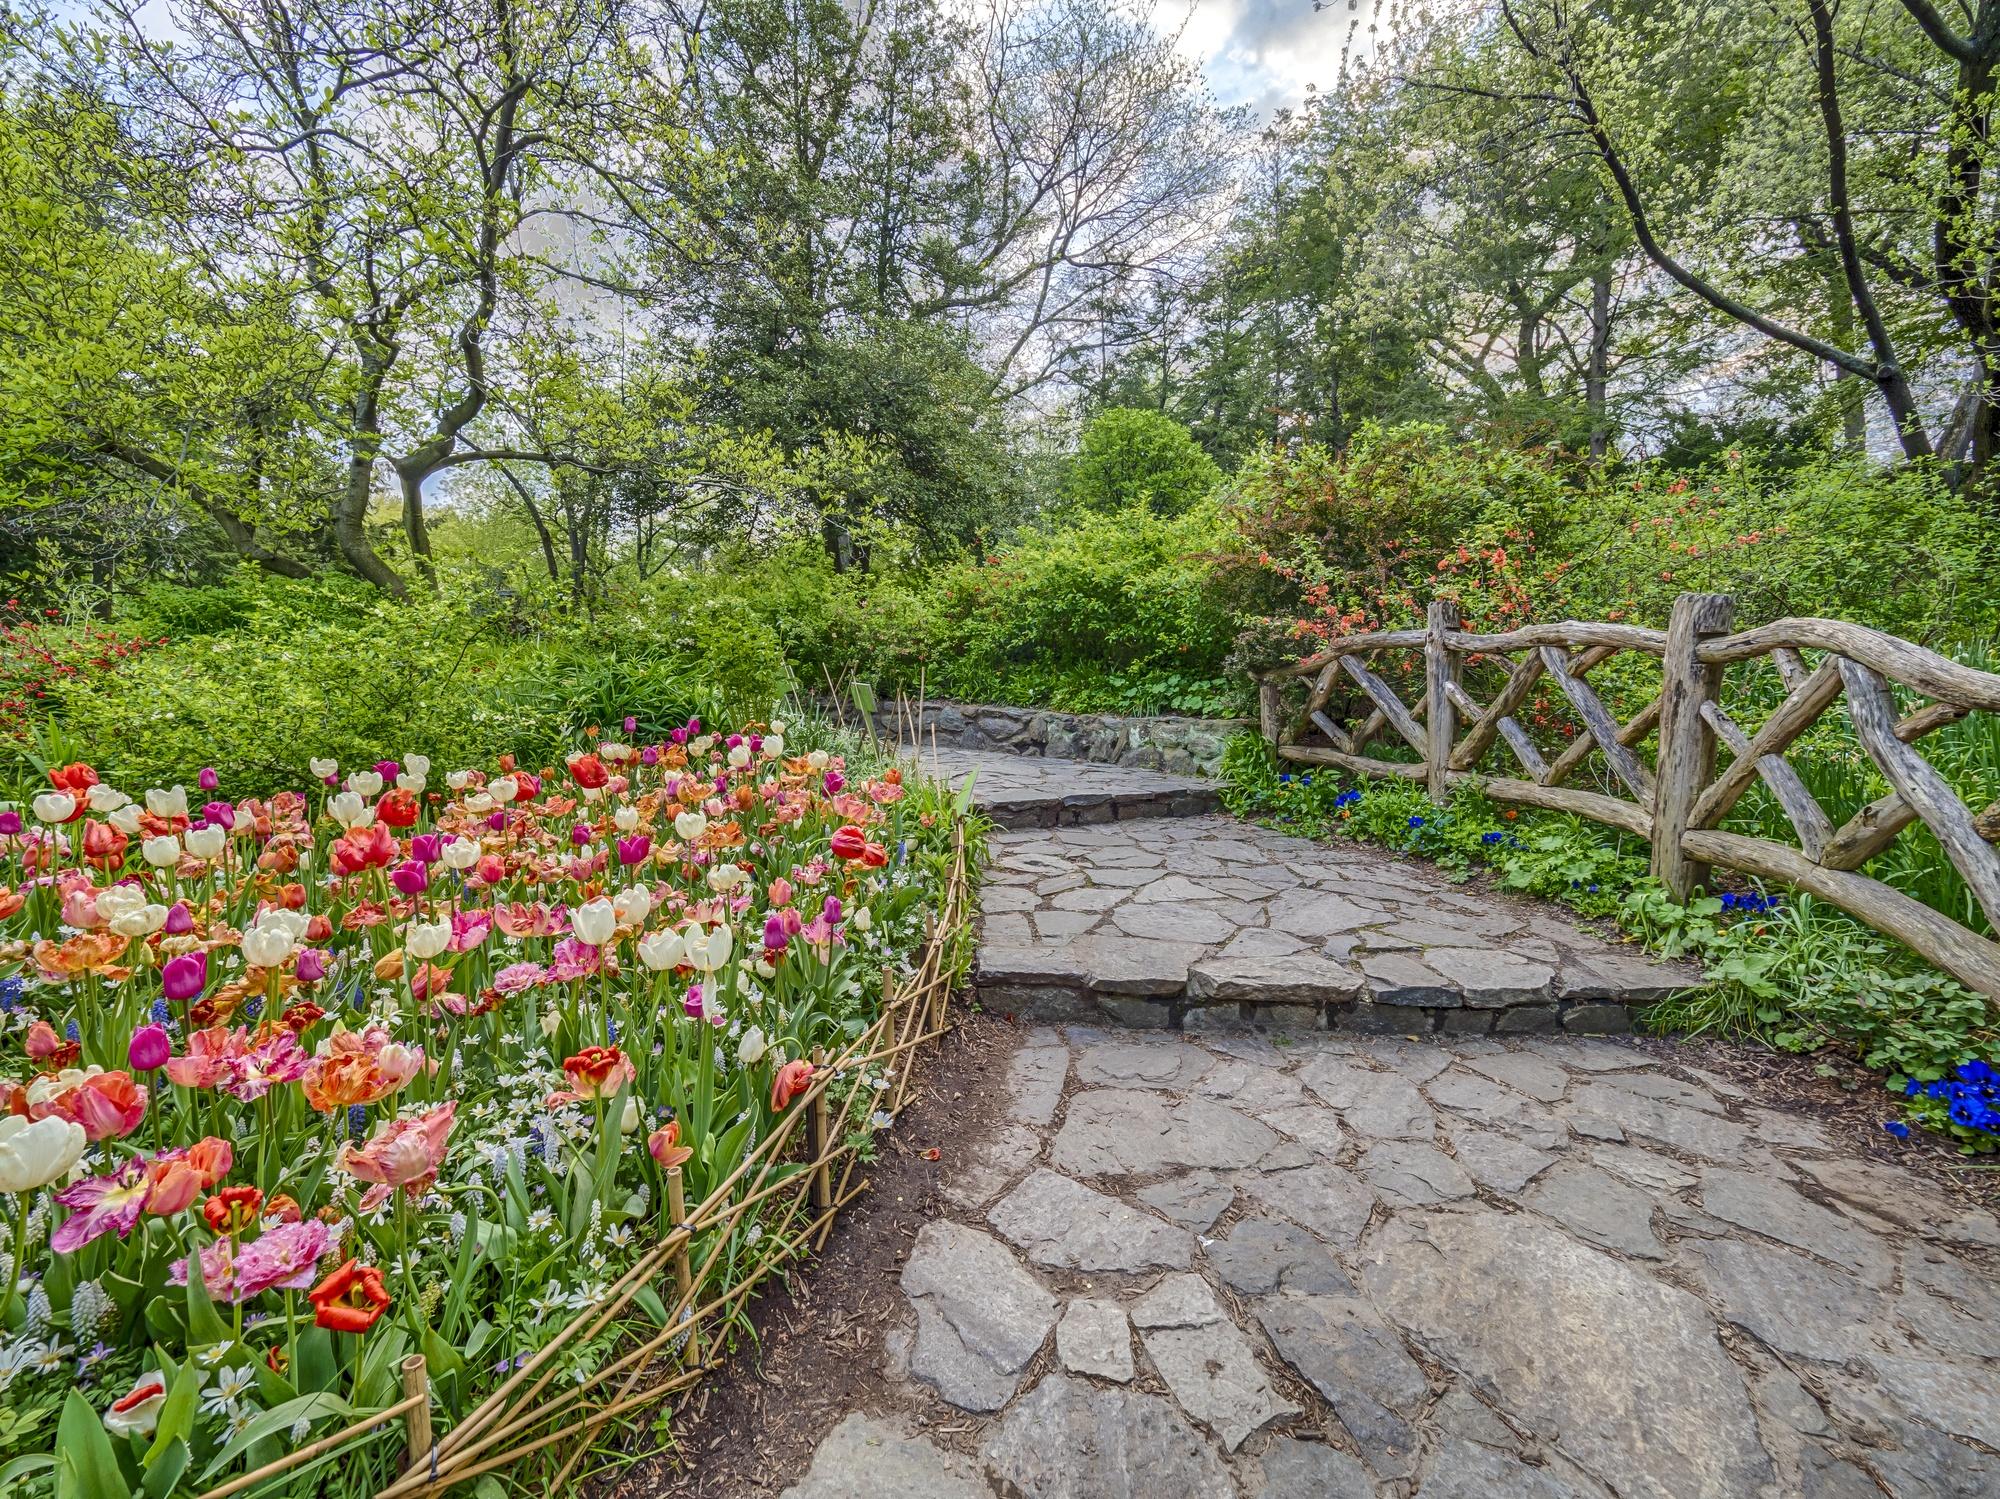 Shakespeare Garden in Central Park in spring